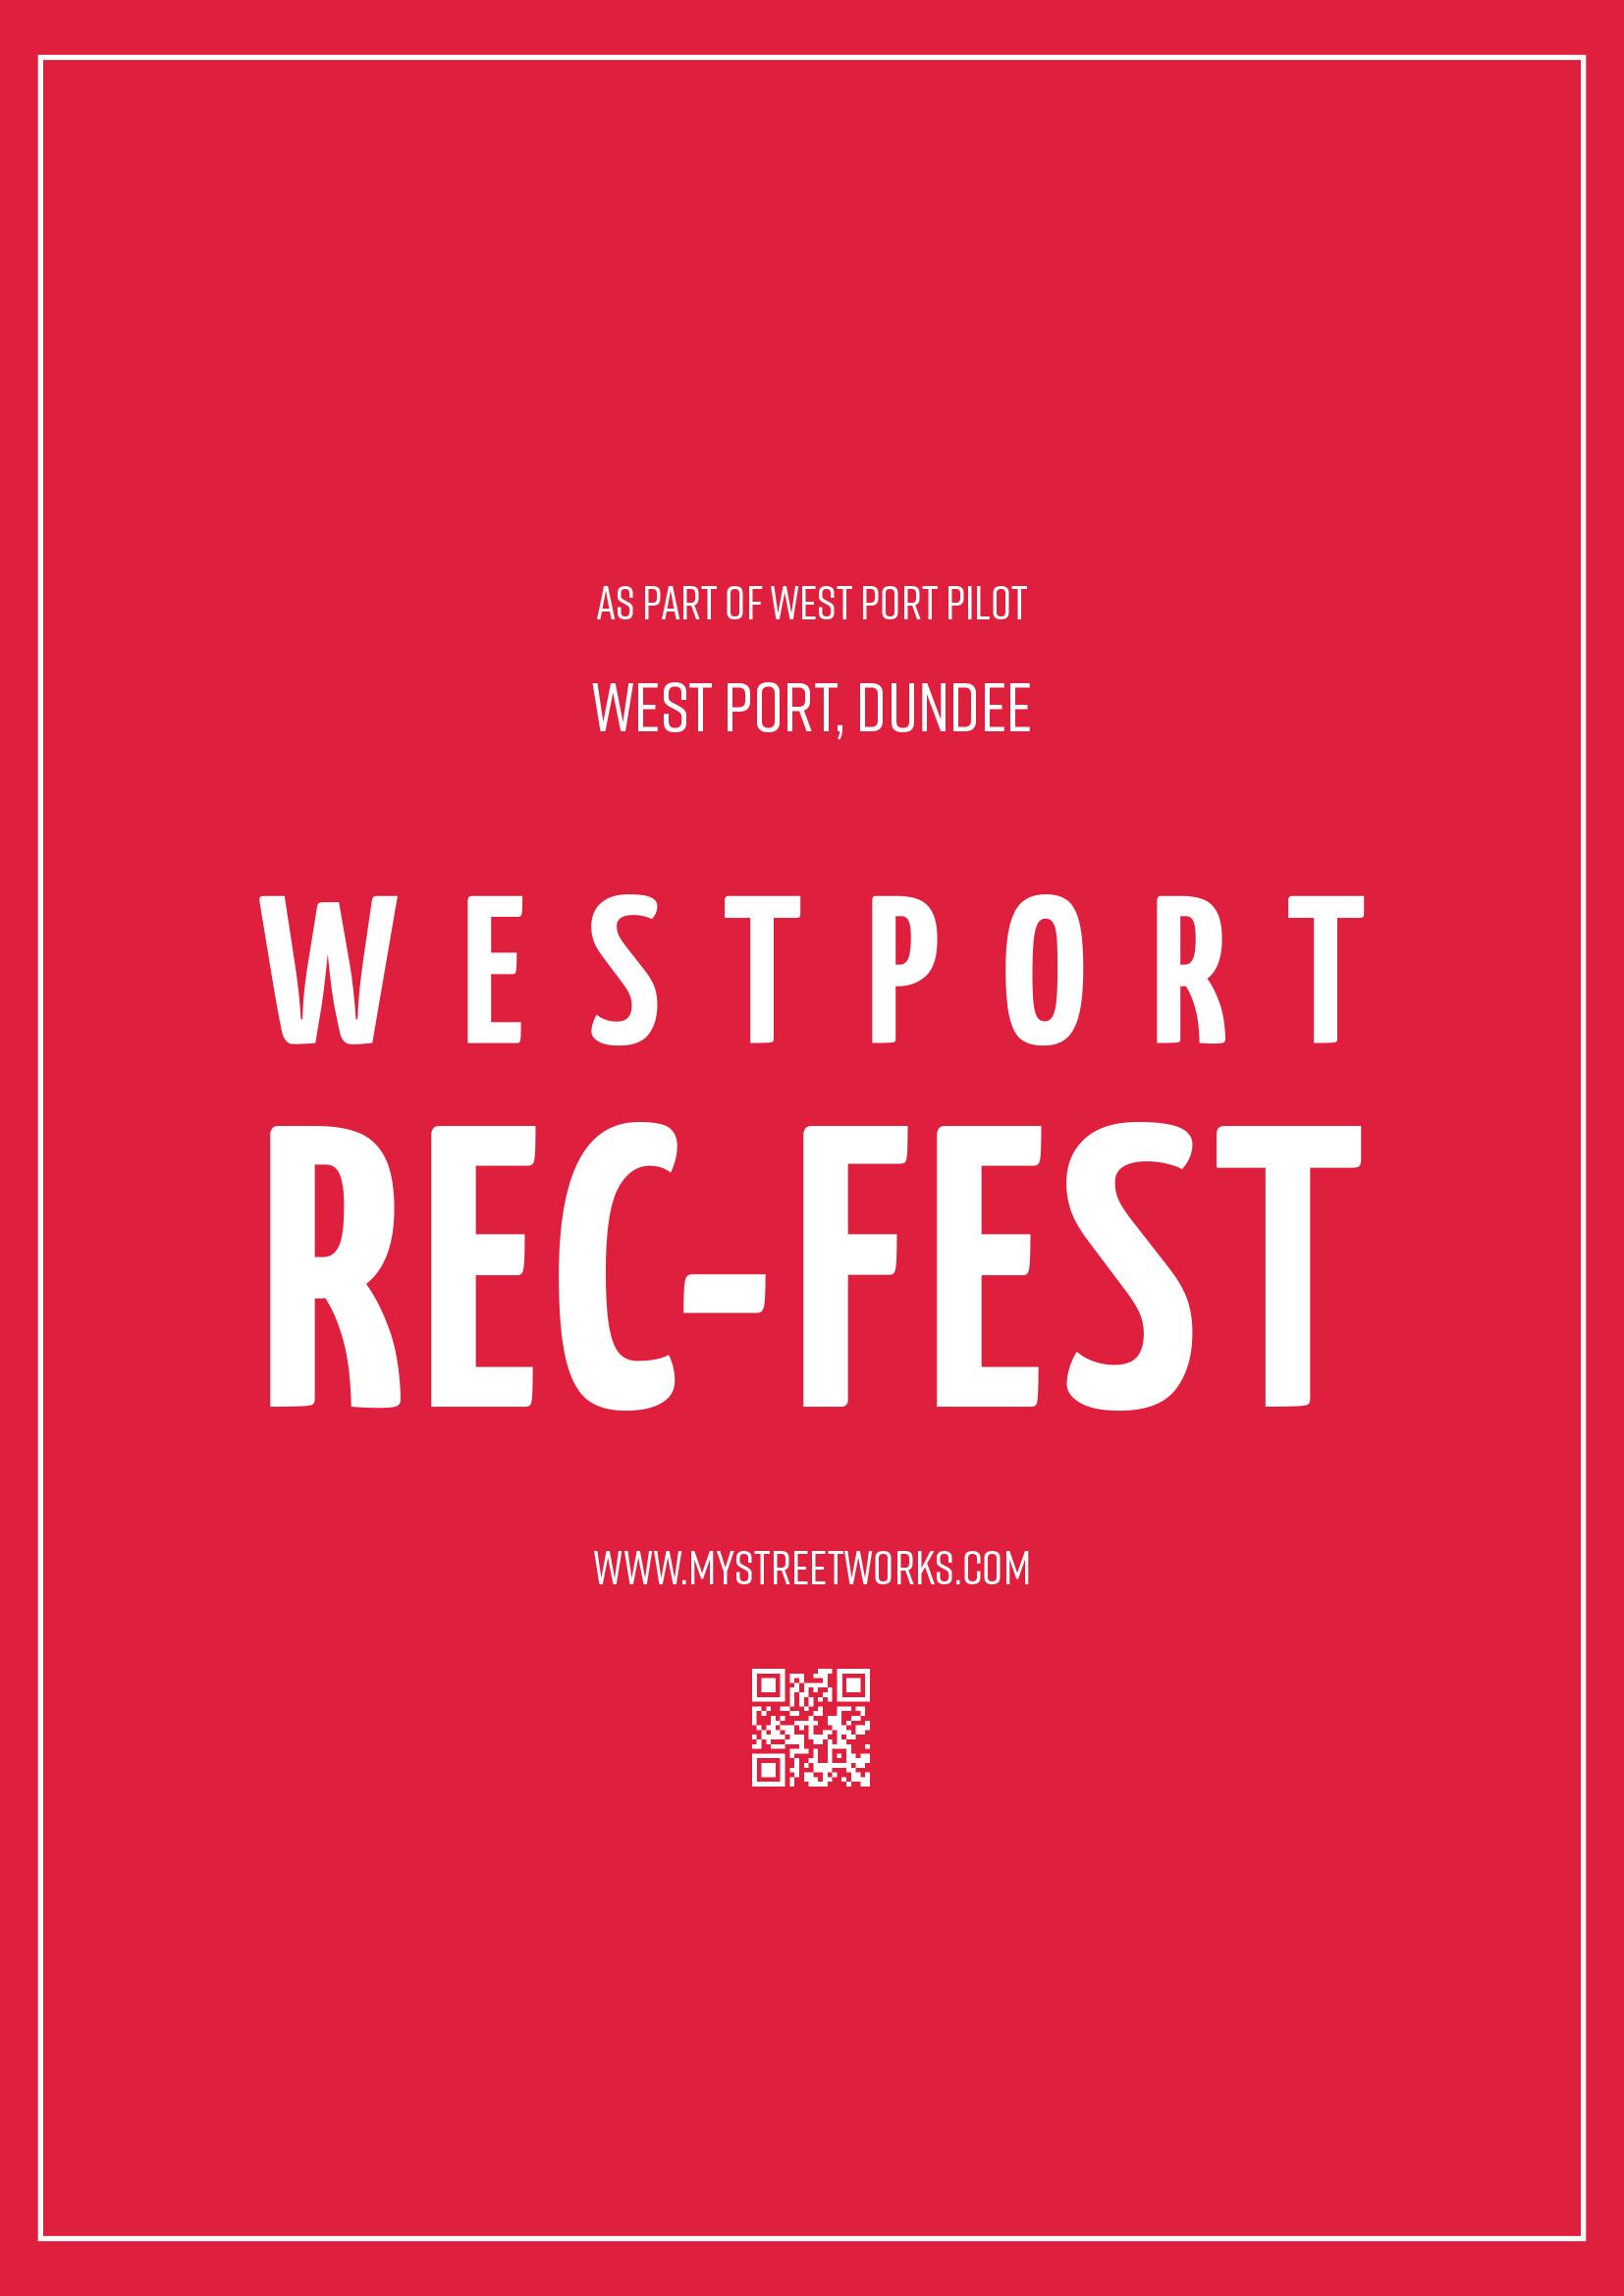 WESTPORT RECFEST-1.jpg